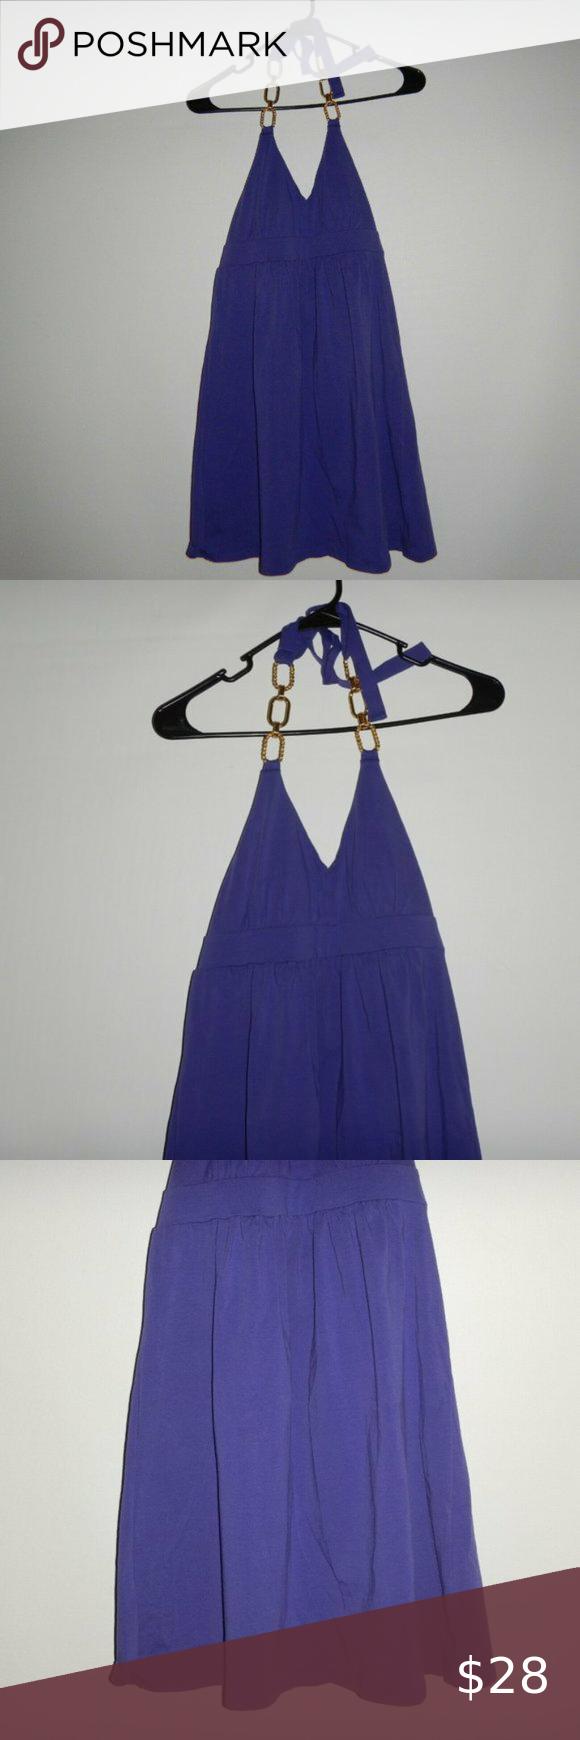 Victoria S Secret Bra Top Purple Halter Dress Victoria Secret Vs Bra Top Halter Dress Summer Purple Gold Chain Halter Halter Dress Halter Dress Summer Bra Tops [ 1740 x 580 Pixel ]